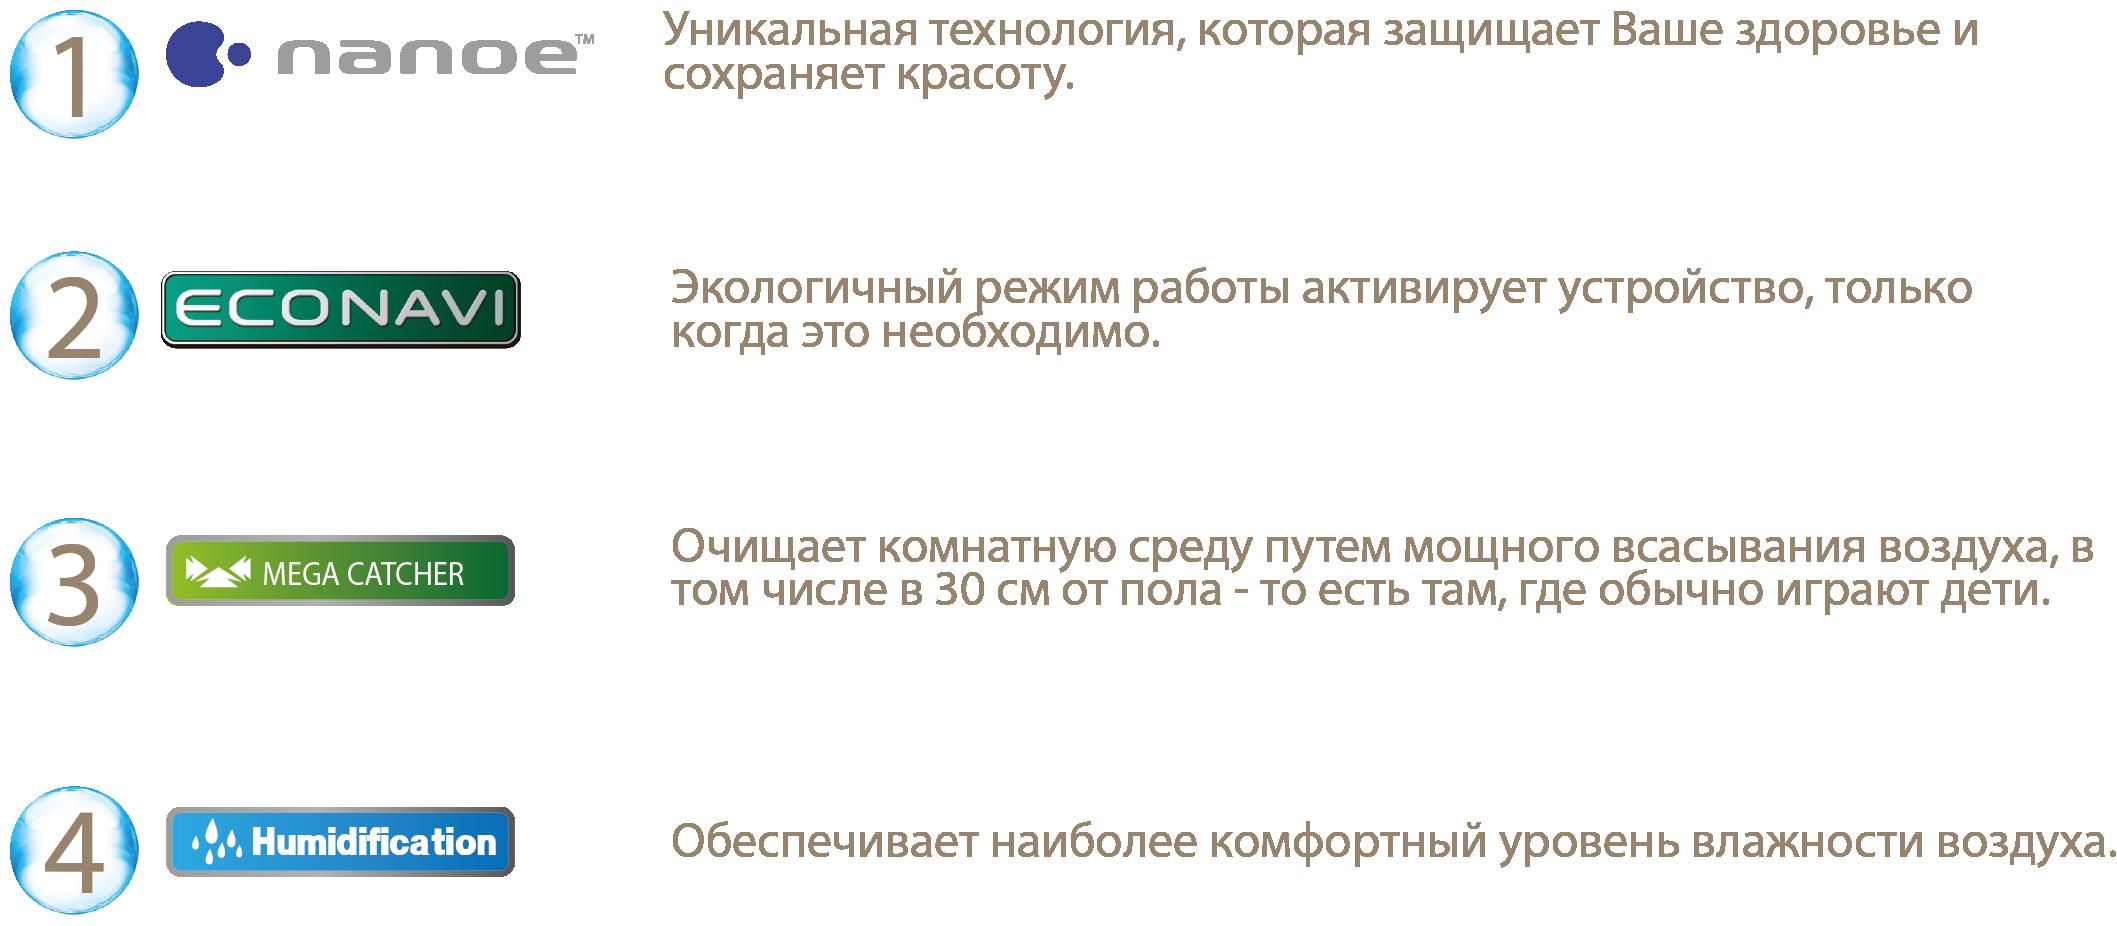 panasonic_tehnology